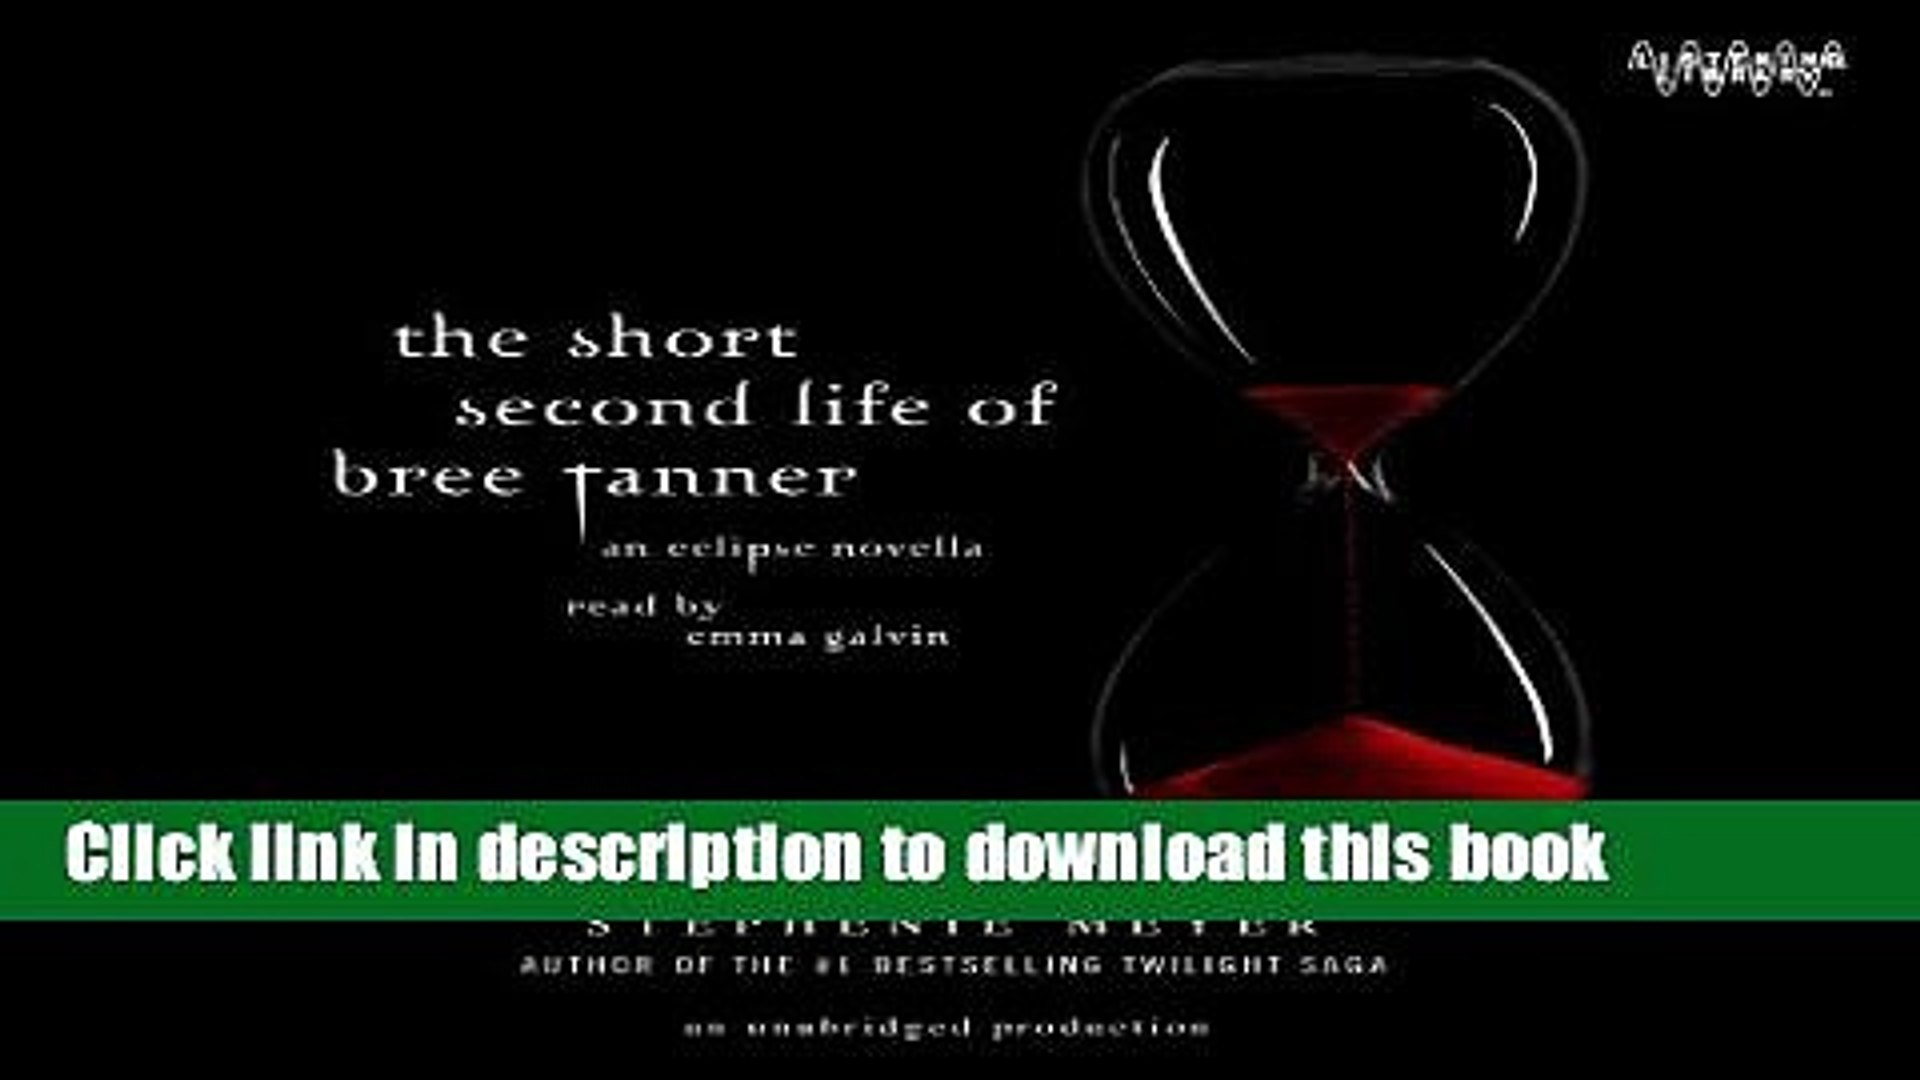 außergewöhnliche Auswahl an Stilen und Farben Original langlebig im einsatz [PDF] The Short Second Life of Bree Tanner an Eclipse Novella Download Full  Ebook